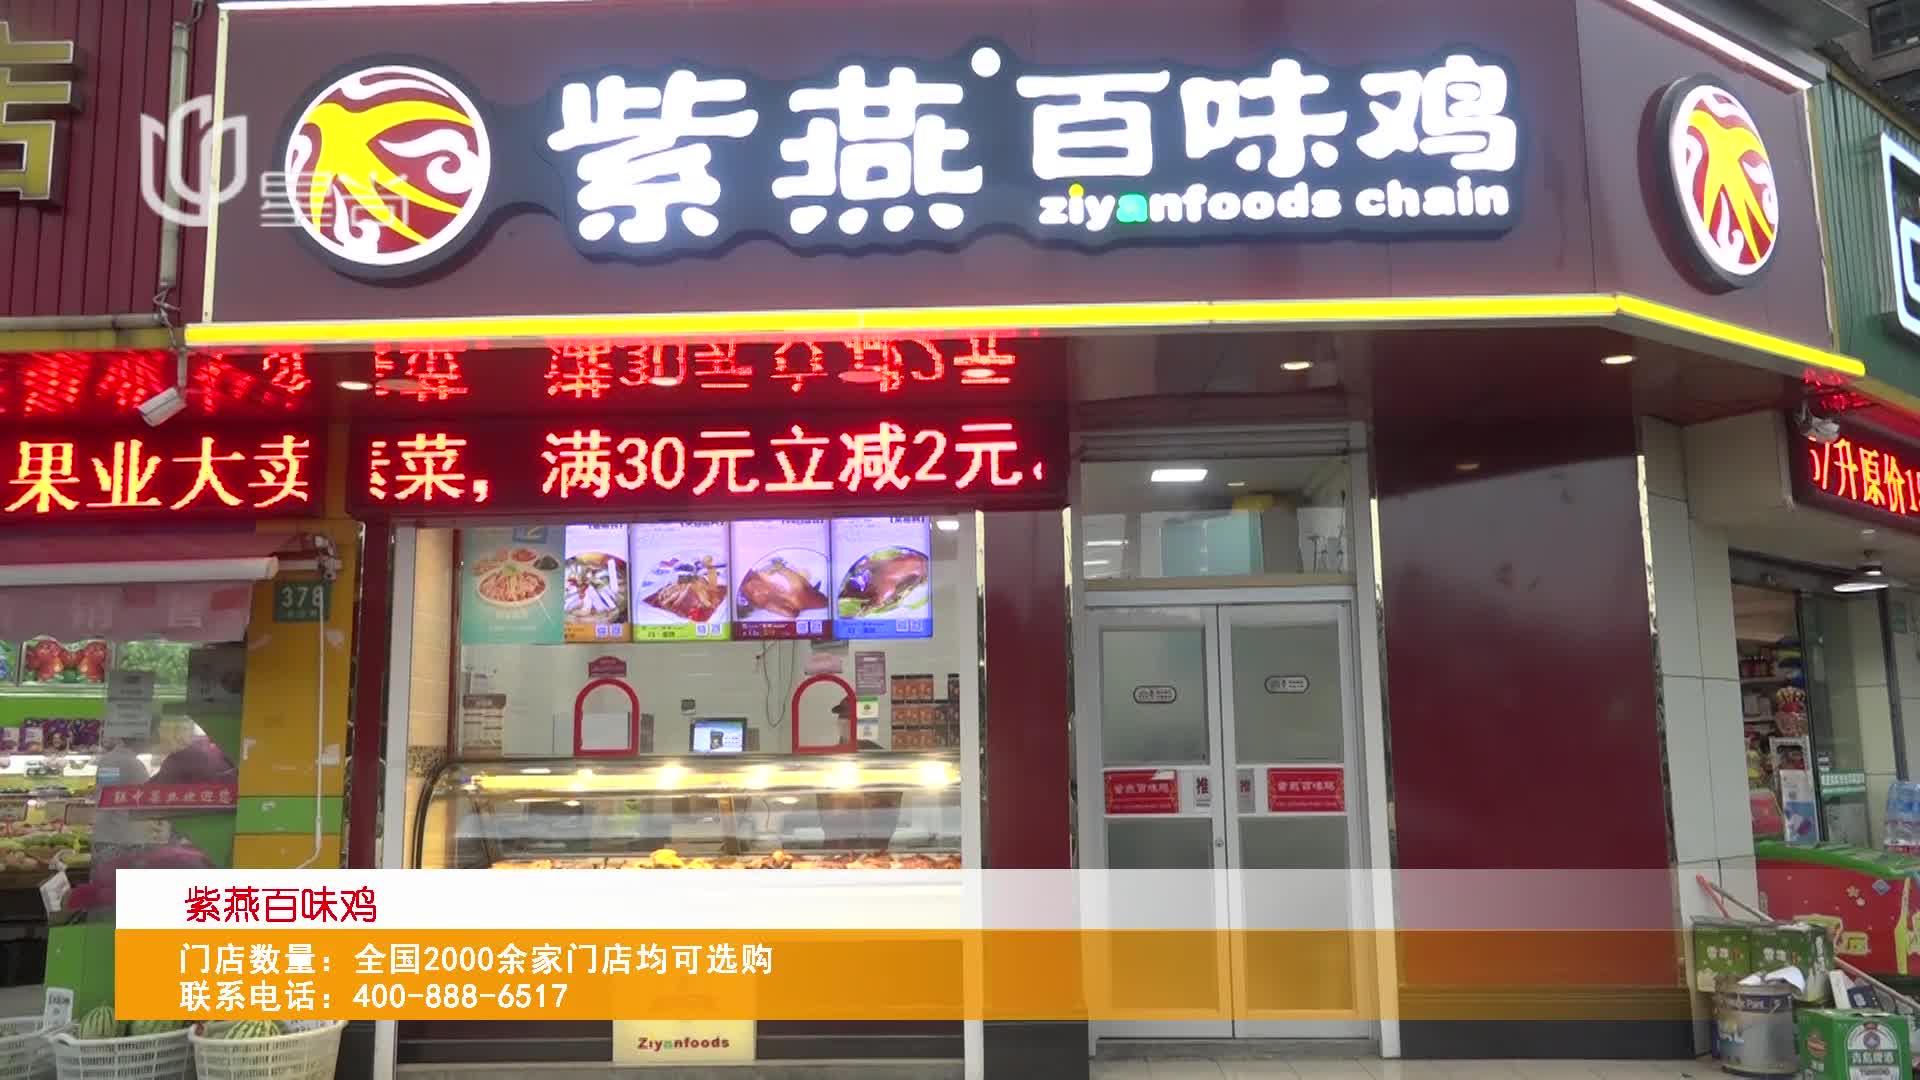 #舌尖上的美食#星尚专访:紫燕百味鸡为什么那么多人排队